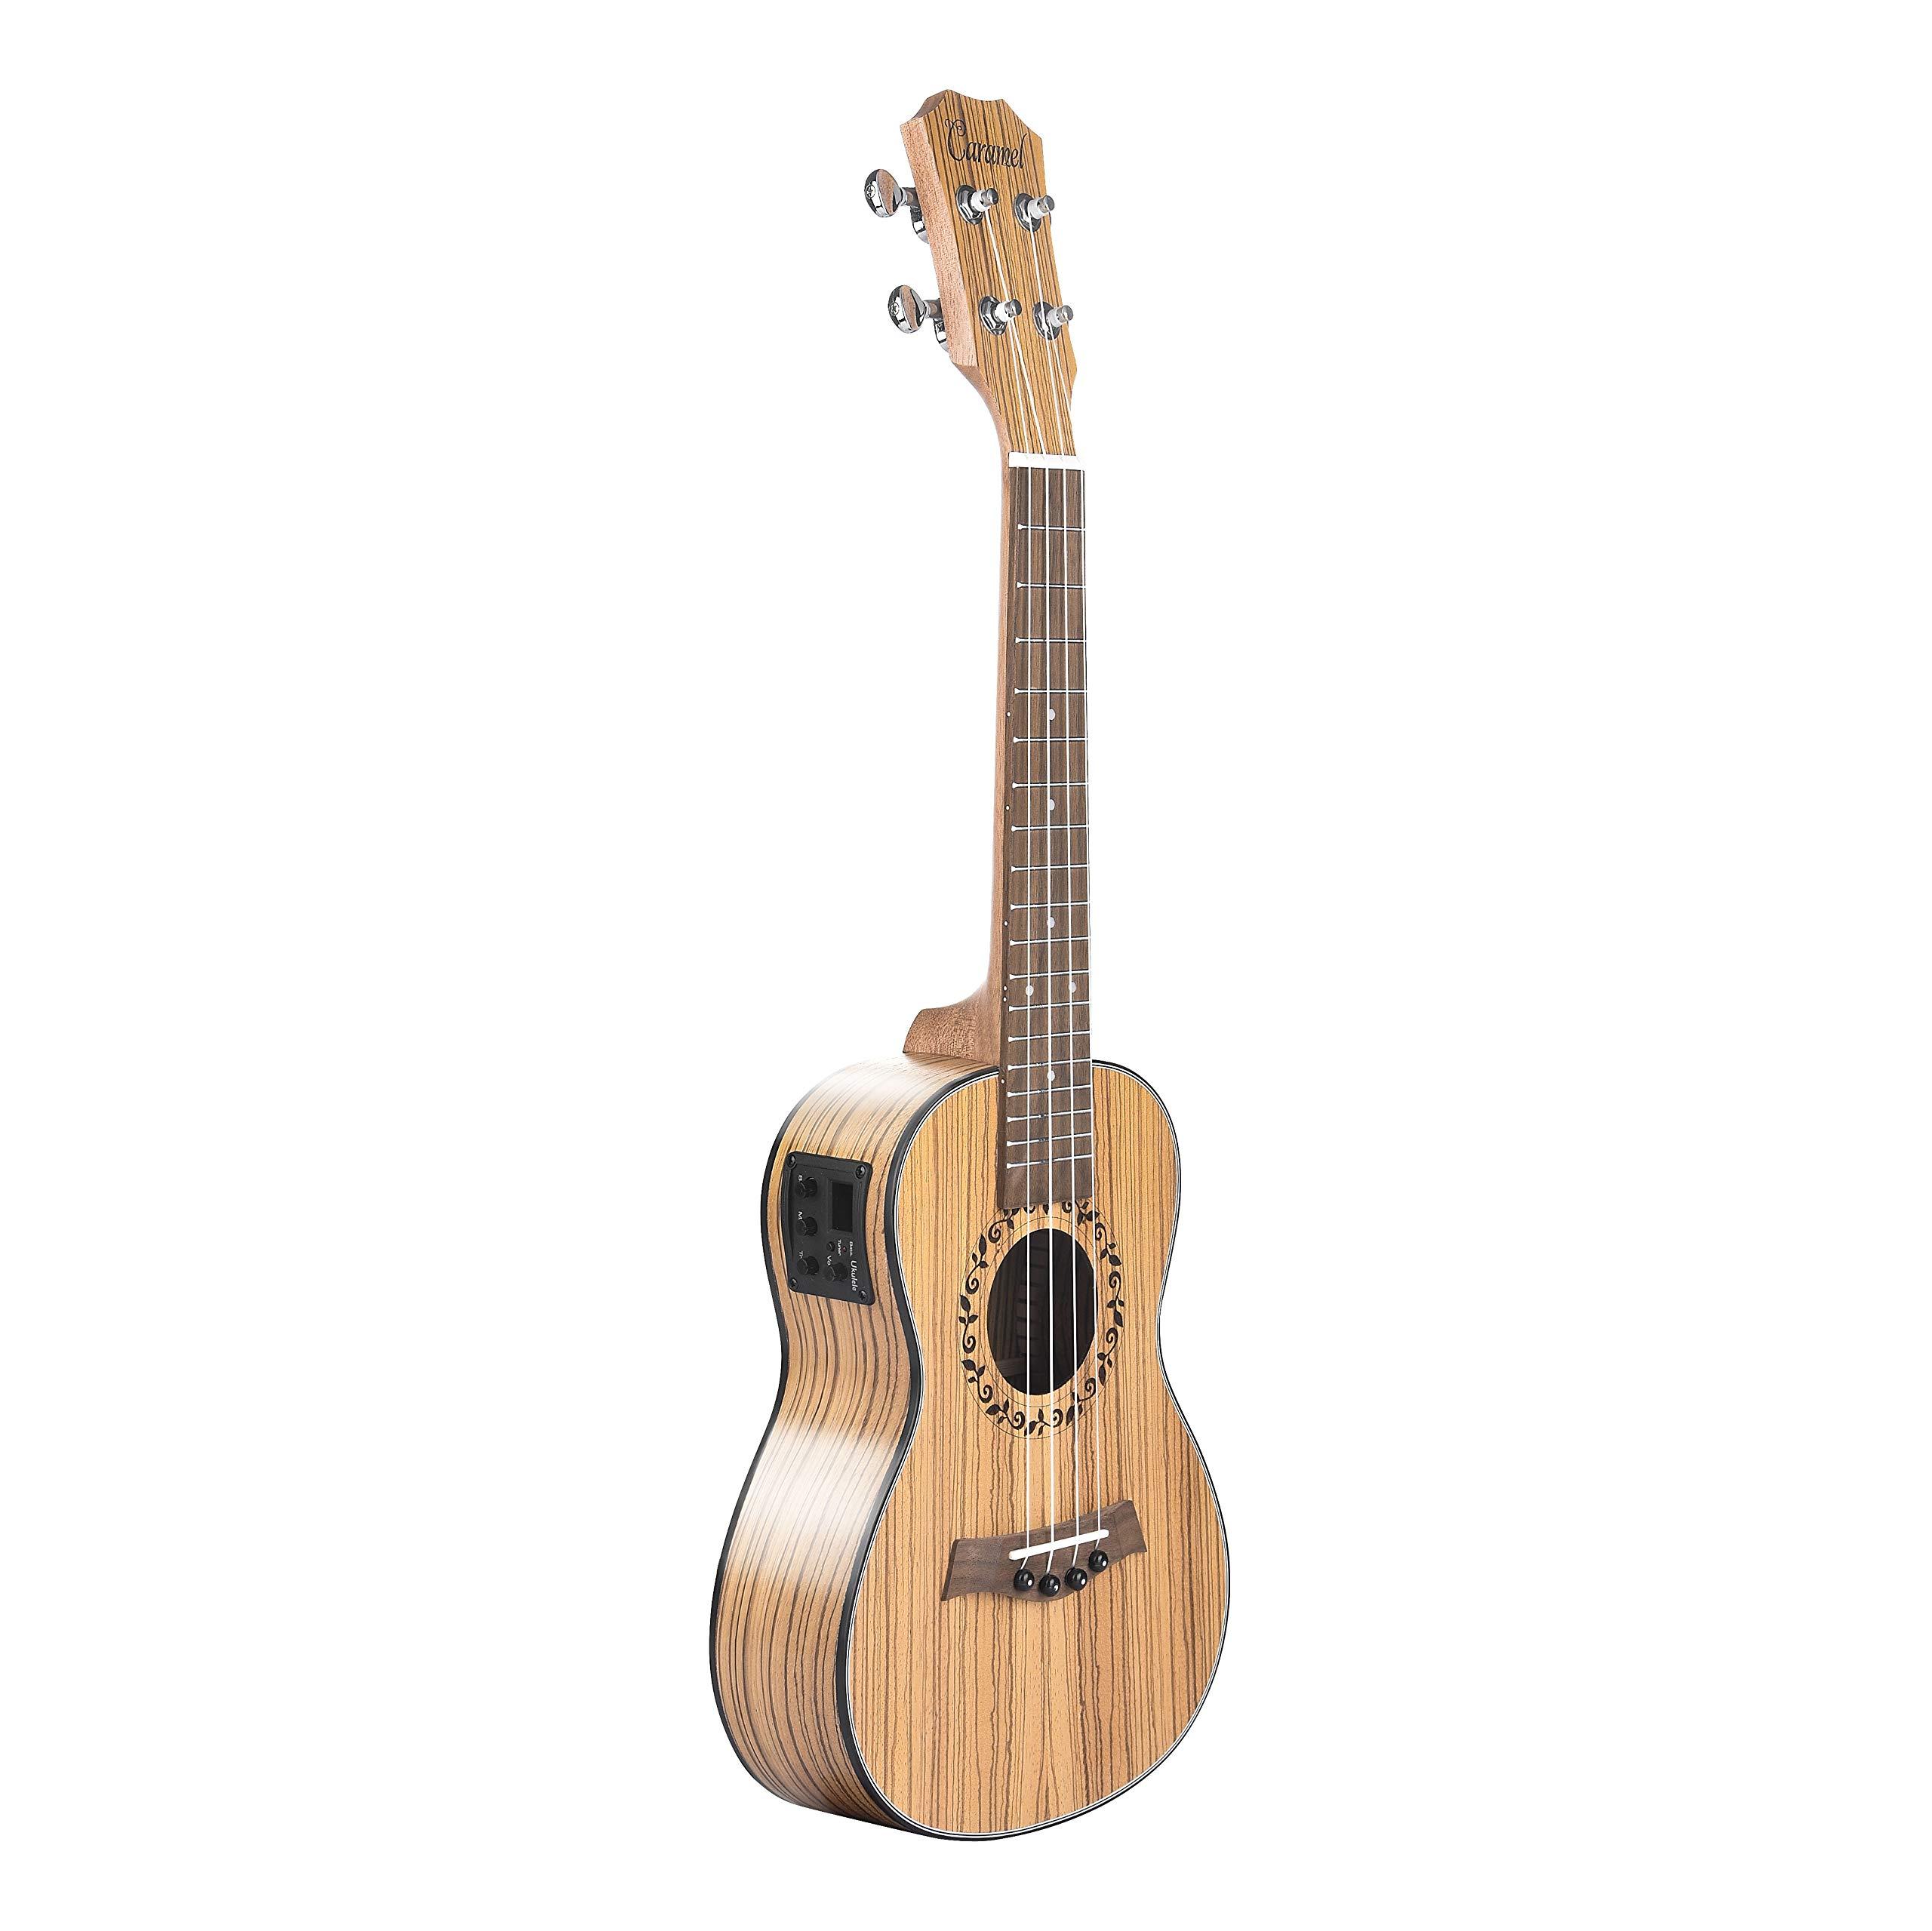 Caramel CC100 Zebra Wood Concert Acoustic Electric Ukulele